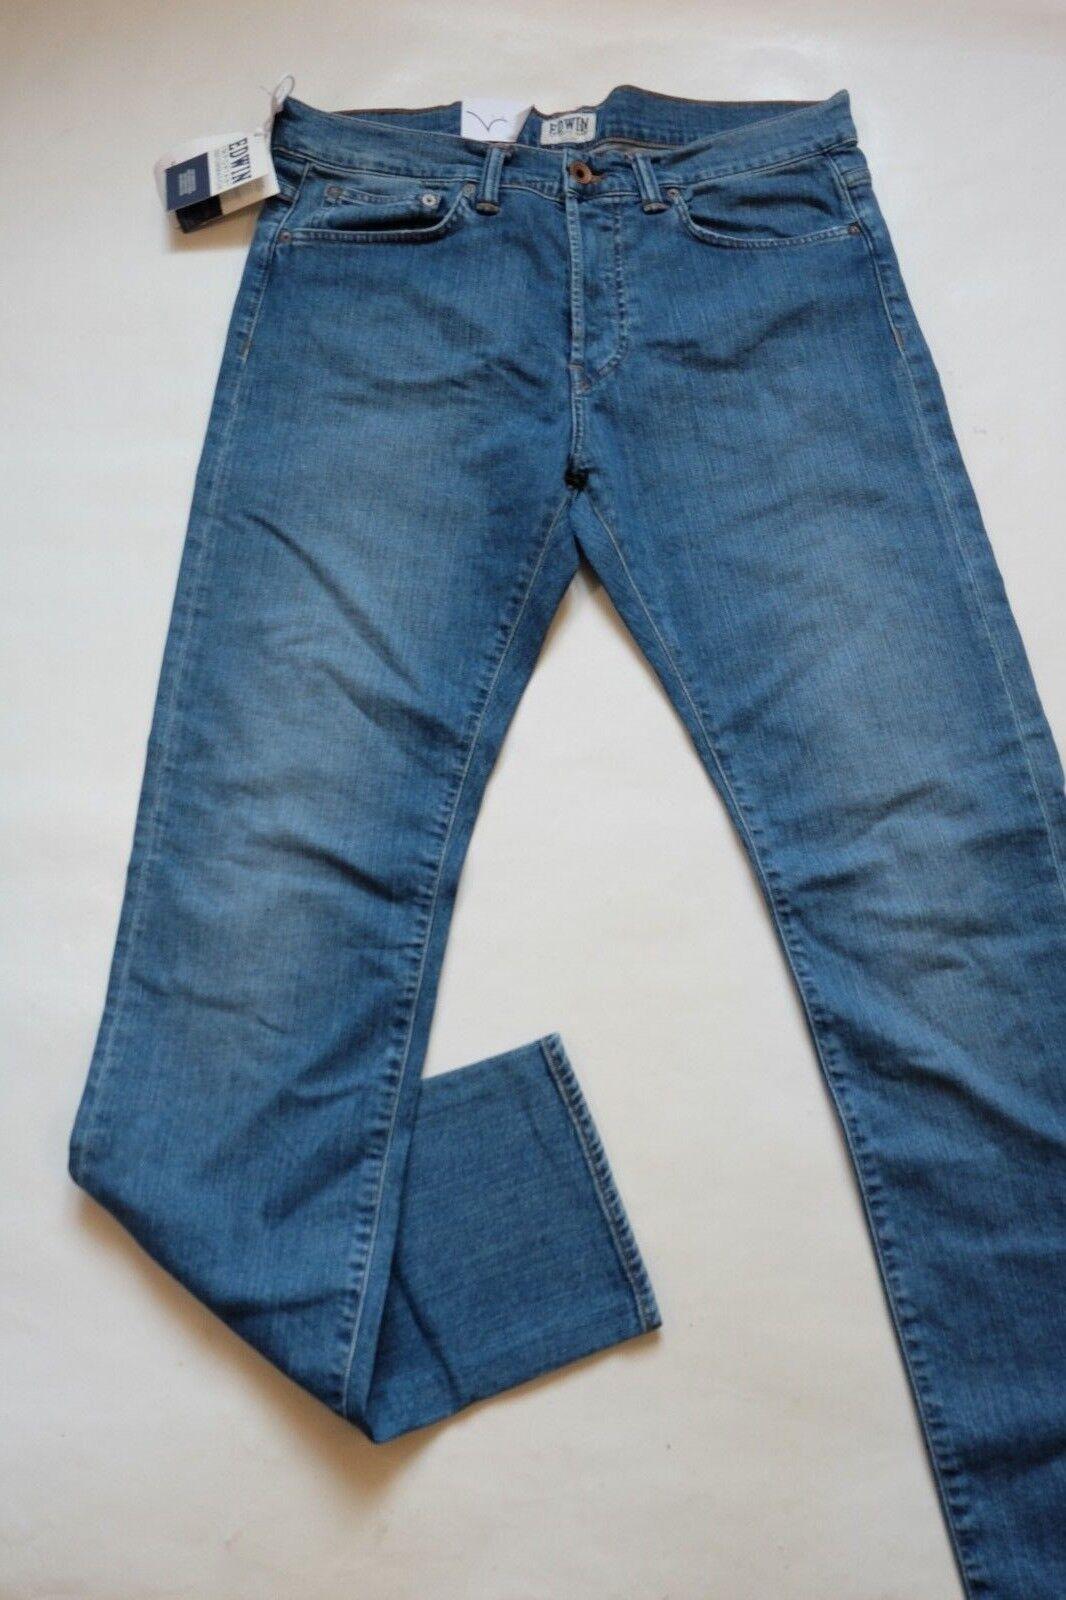 JEANS EDWIN MAN ED 80 SLIM (cs night -bluee soft used) W34 L32 VAL